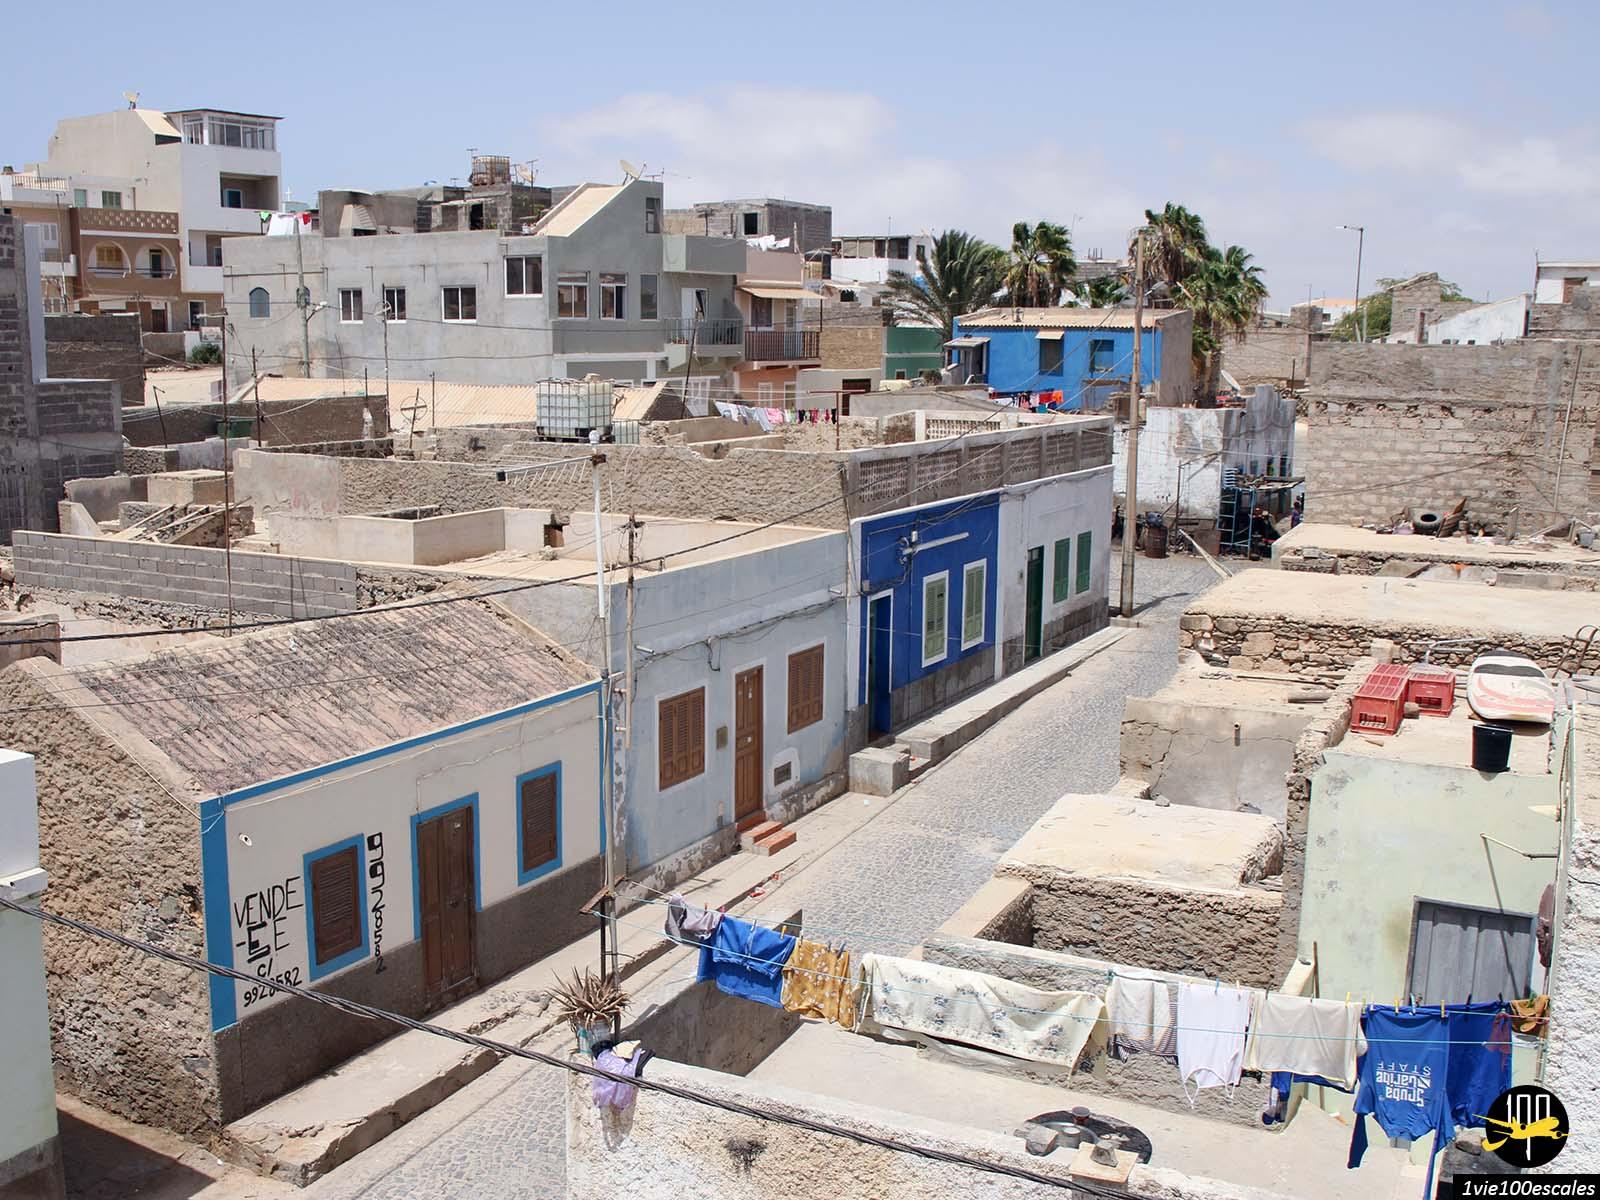 Le village de Sal Rei sur l'île de Boa Vista durant le mois de juillet